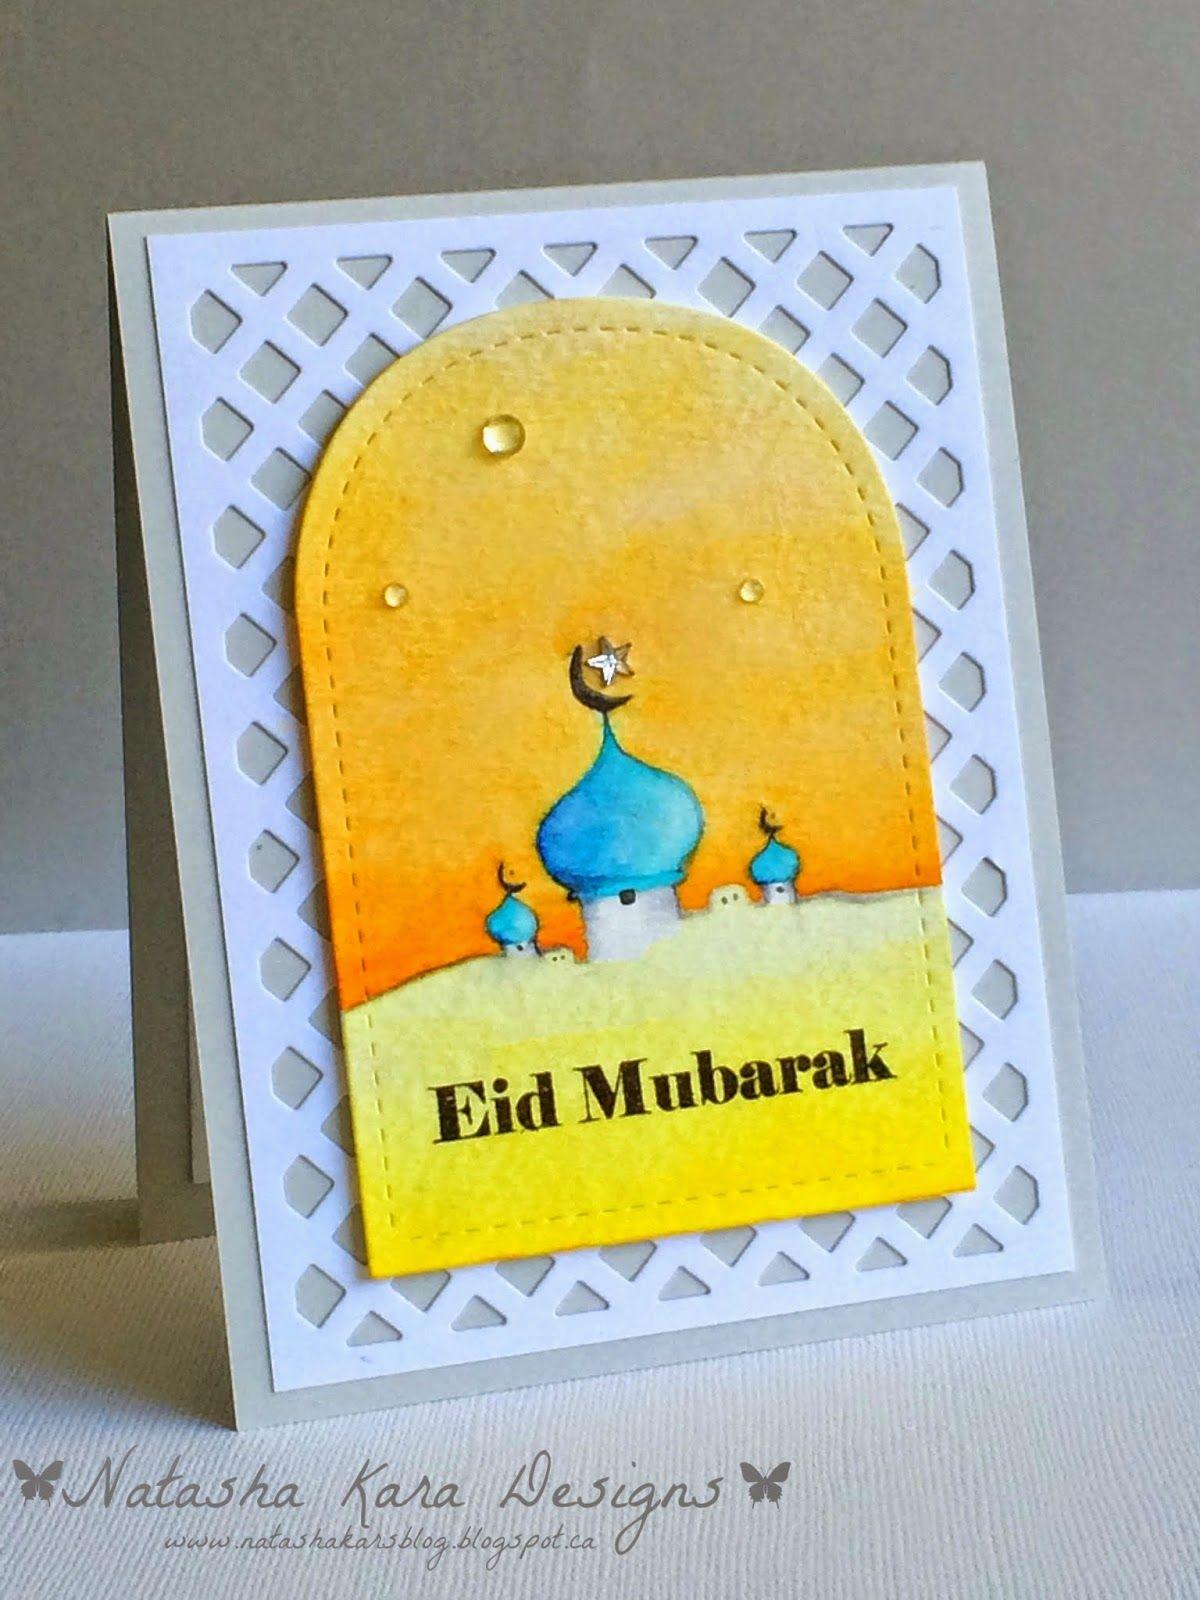 Watercolor Eid Card Eid Card Designs Eid Greeting Cards